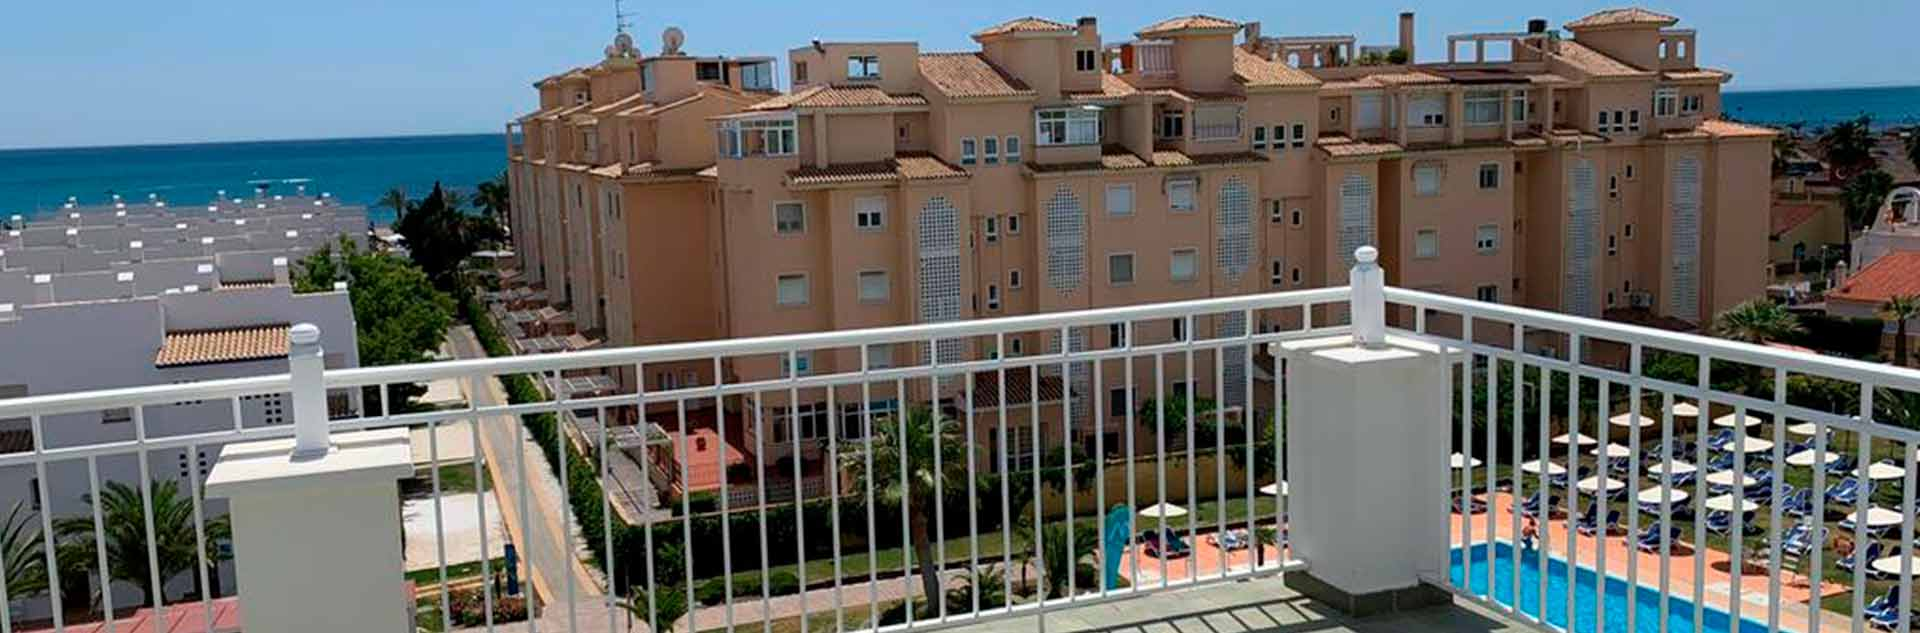 Vistas desde el Hotel Smy Costa del Sol 4*